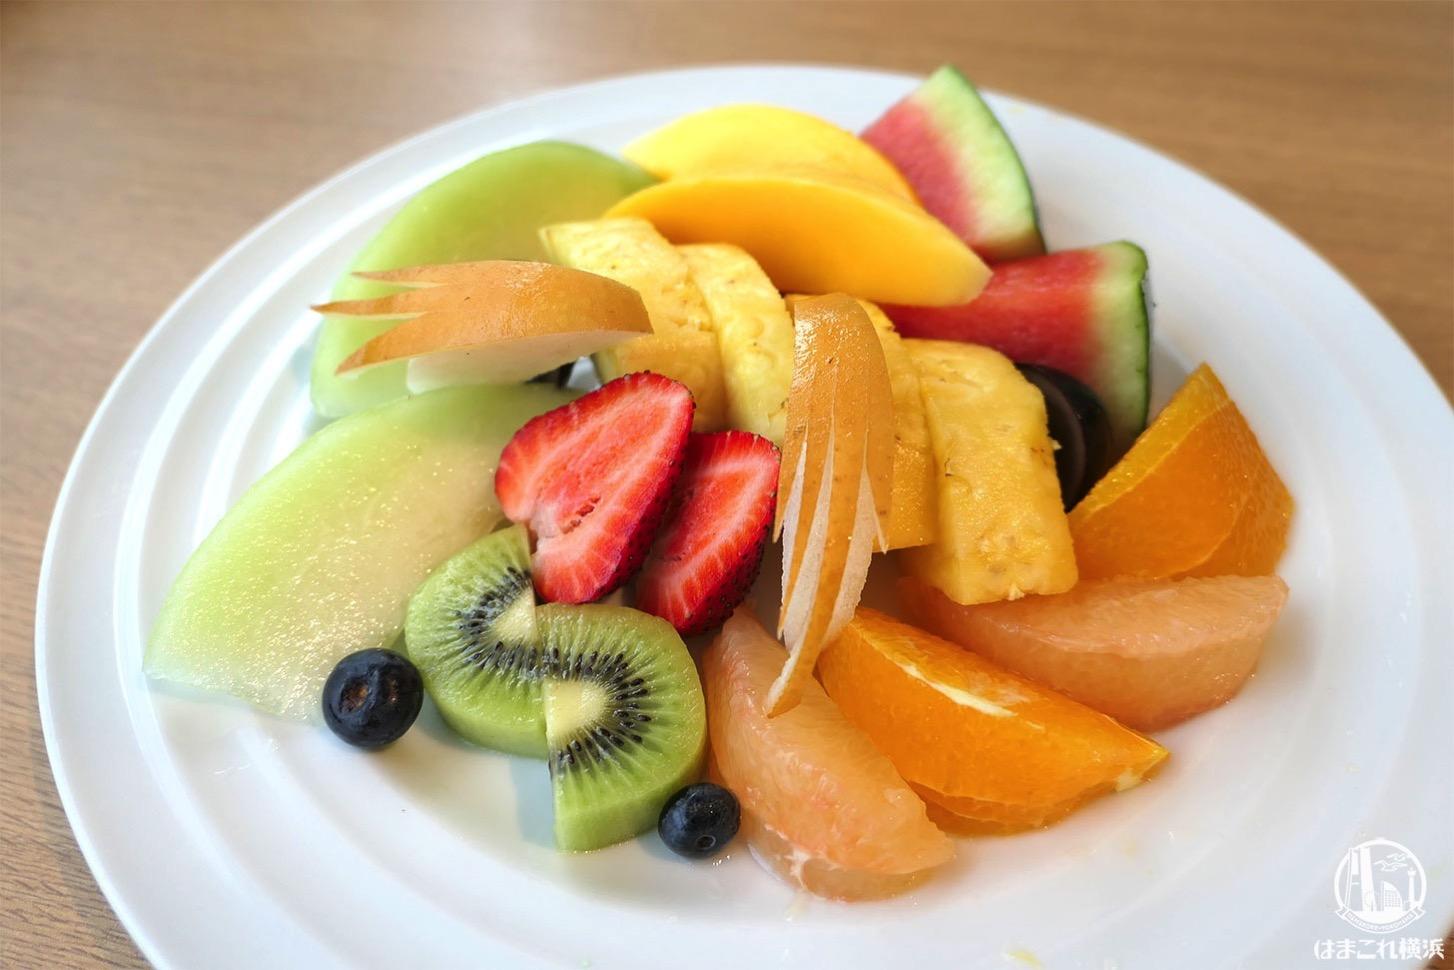 果実園リーベル横浜「フルーツサラダ」みなとみらいで色々なフルーツたっぷり食べたい人におすすめ!